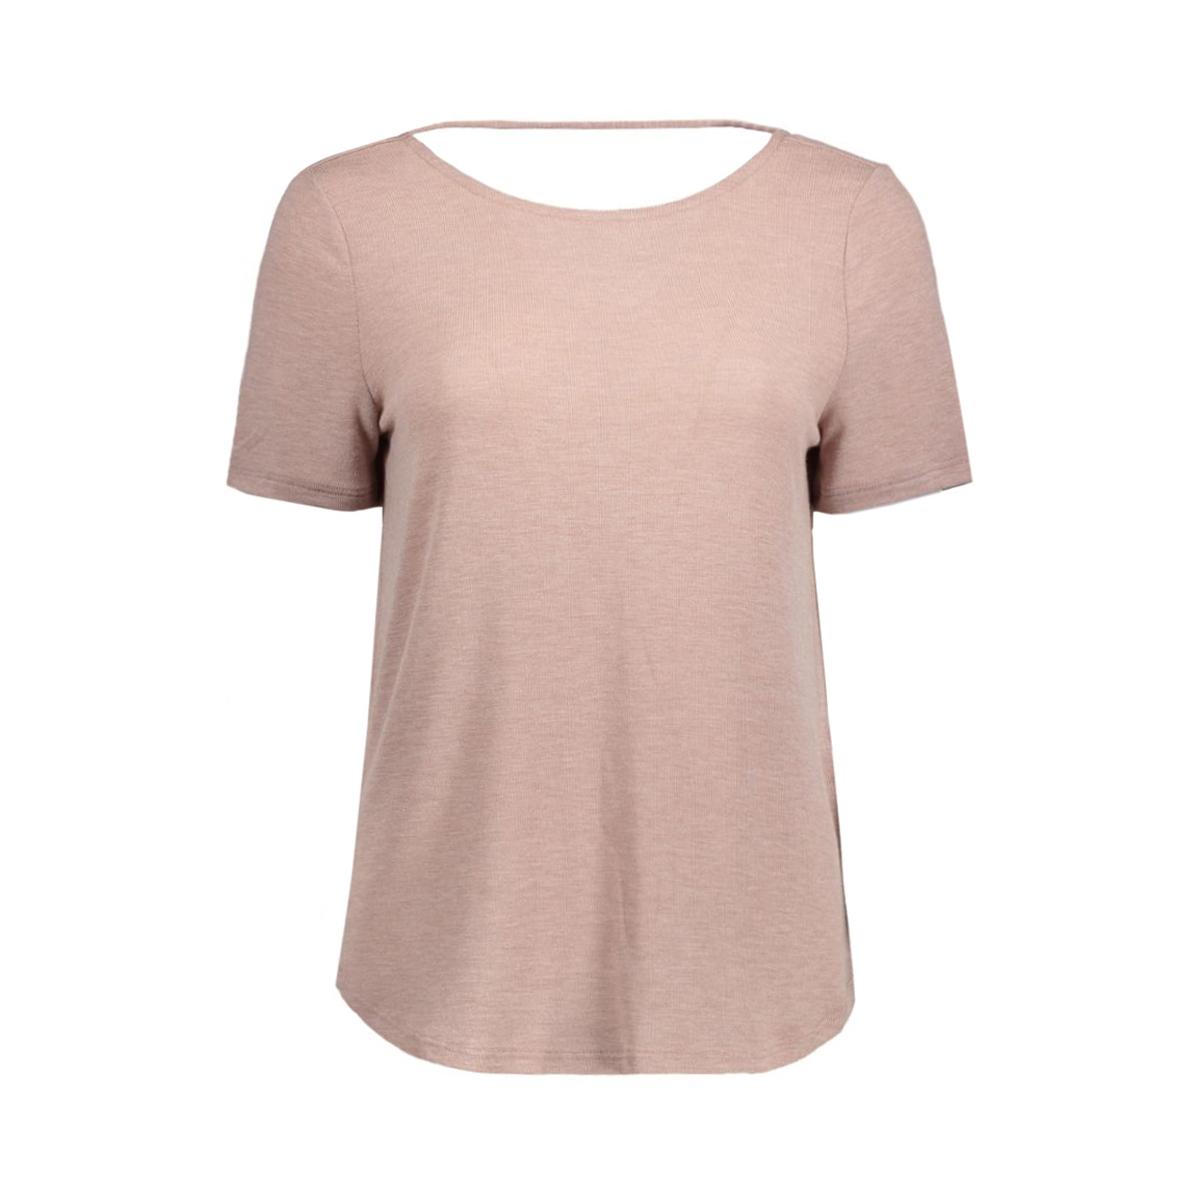 visilla melange s/s top 14038975 vila t-shirt antler/melange